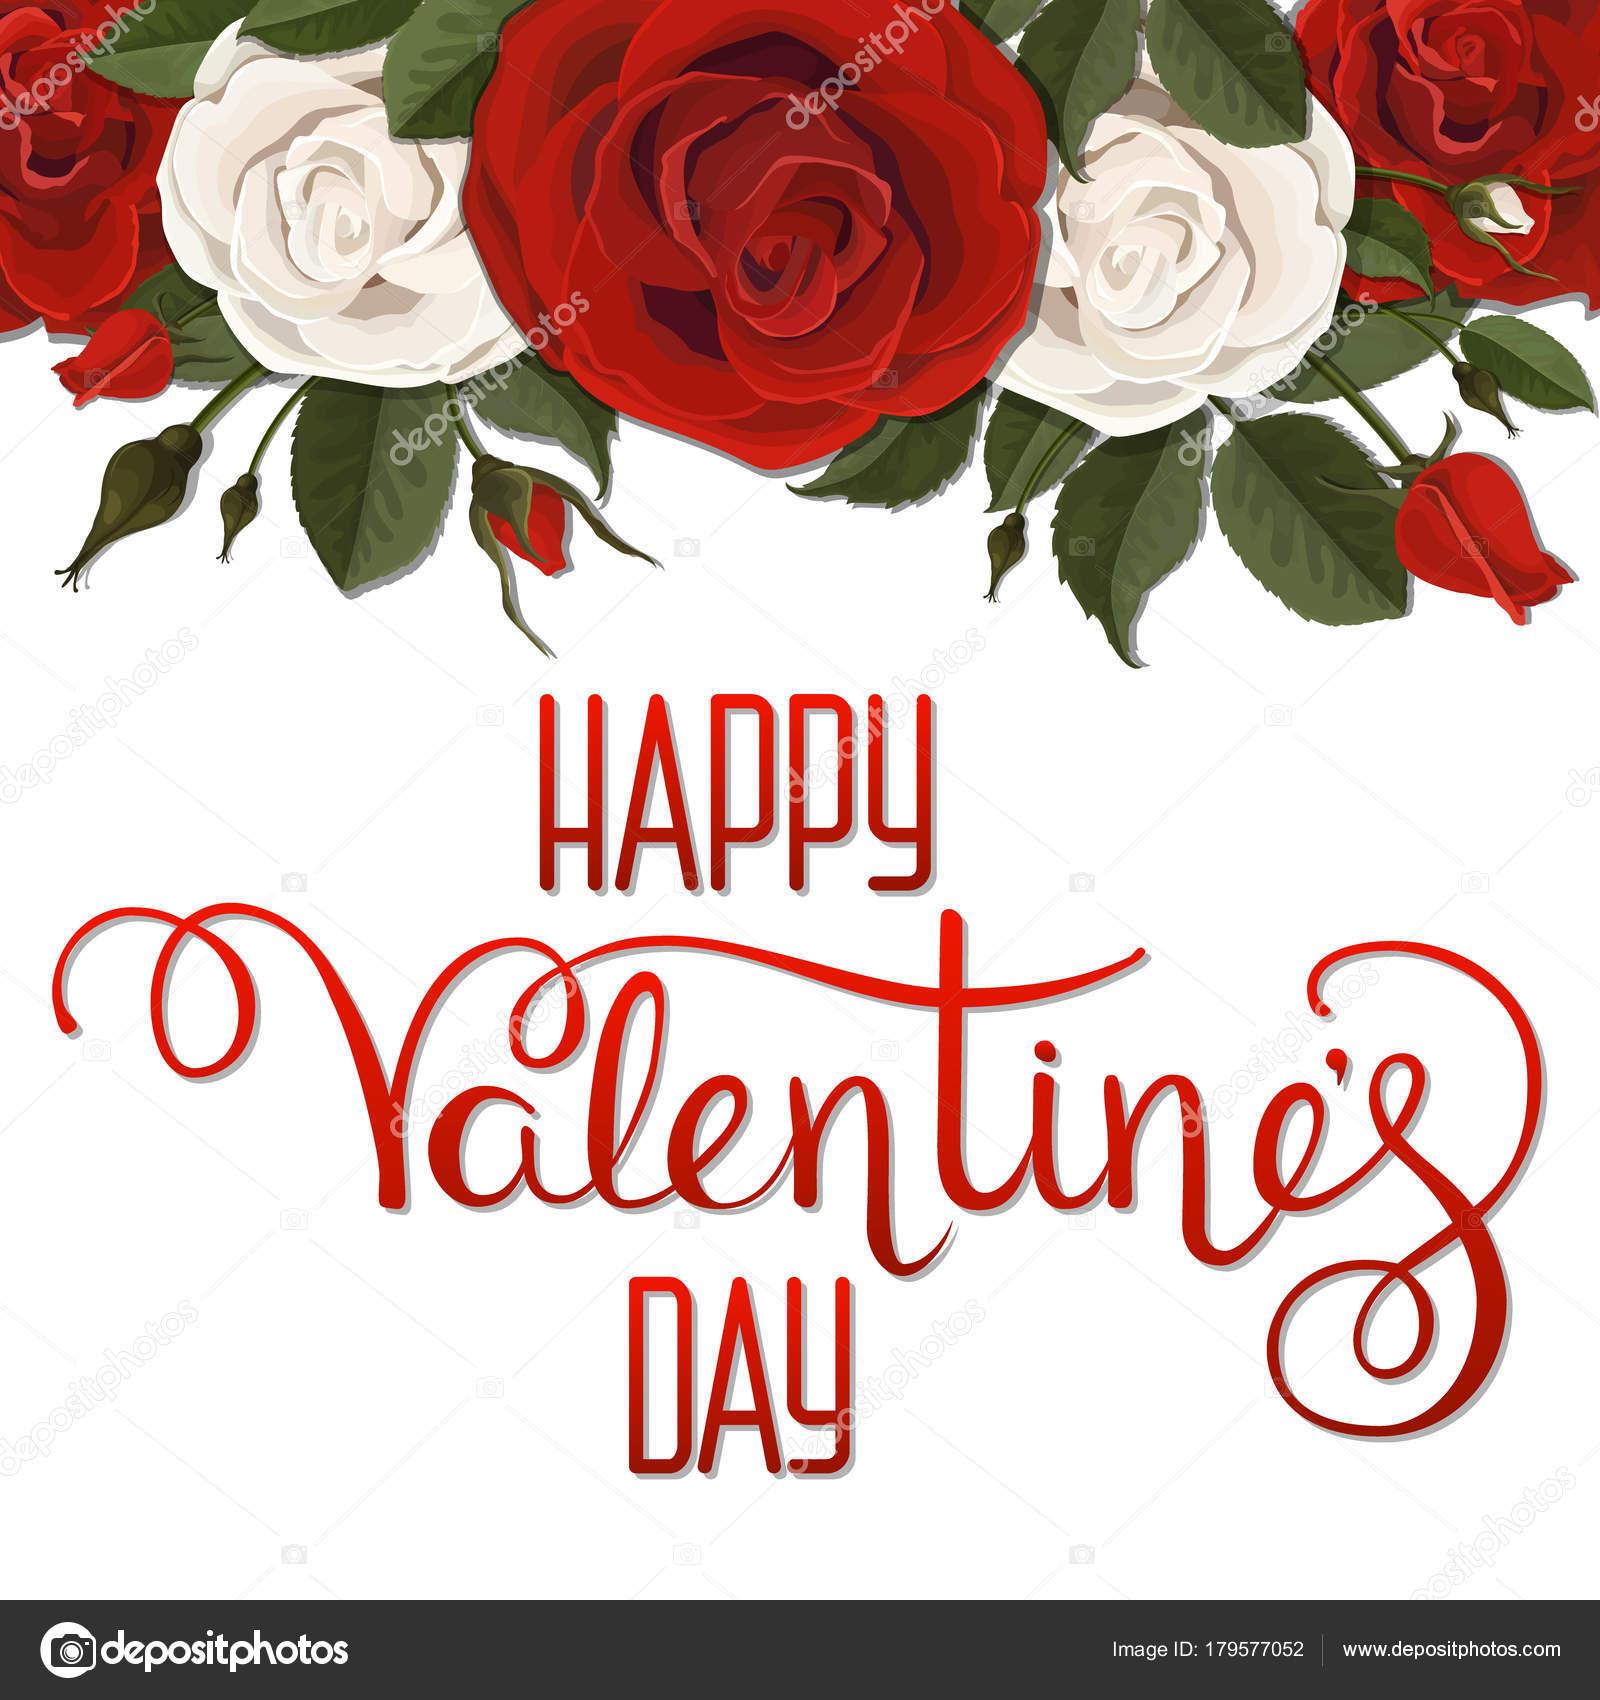 Картинки с цветами розы с надписями